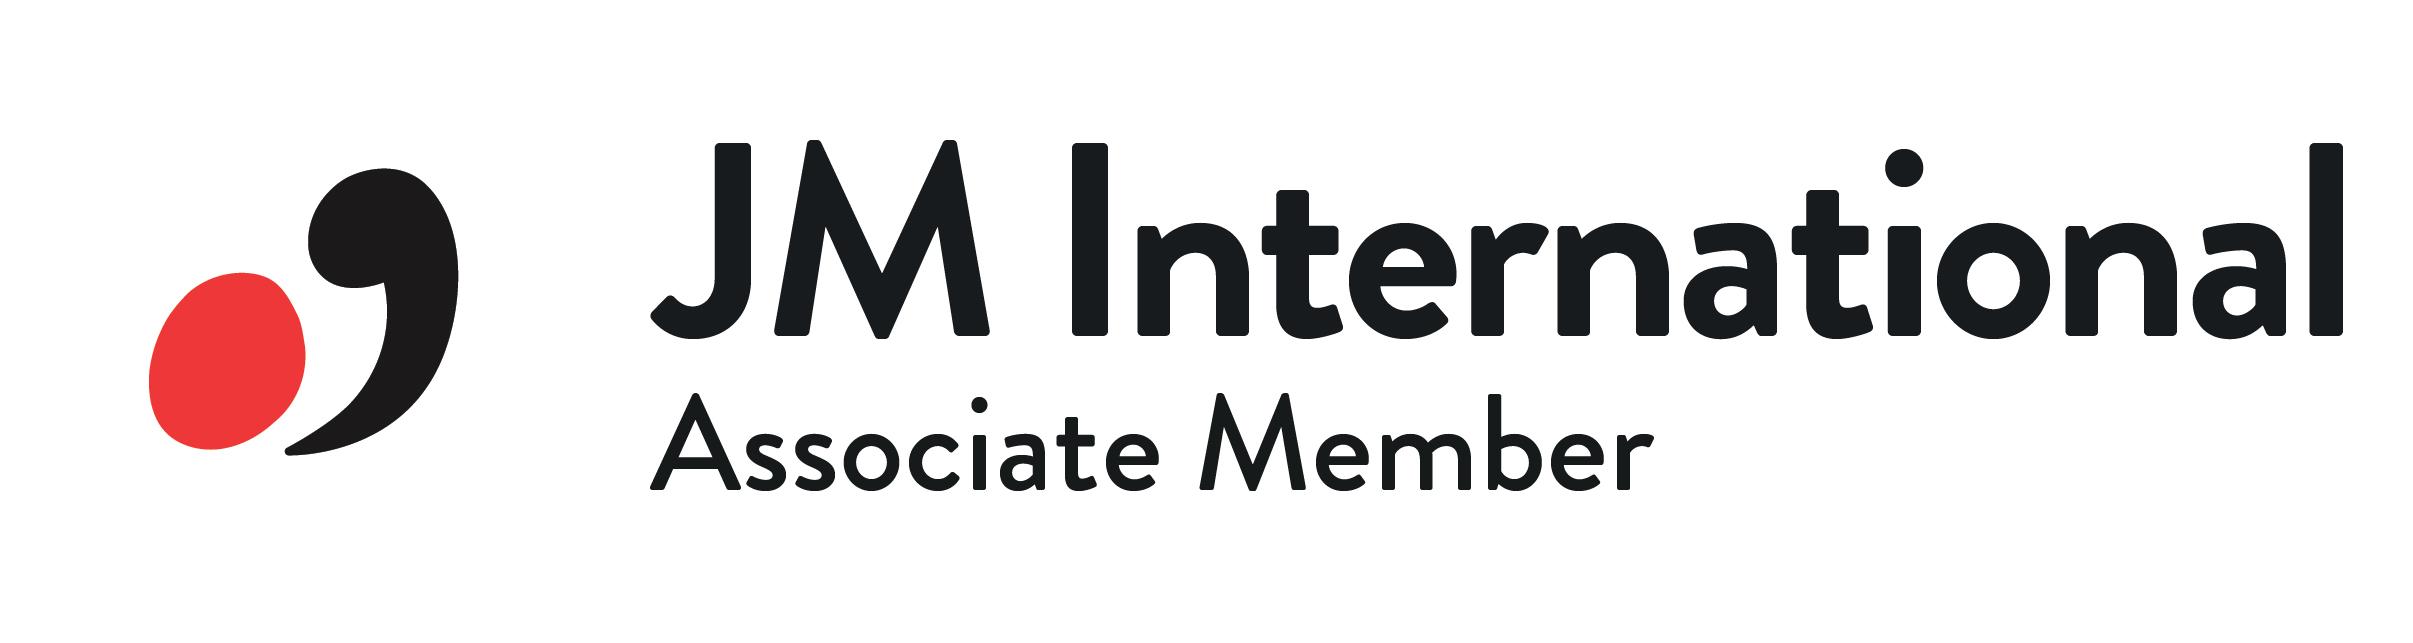 JMI International järjestön logo